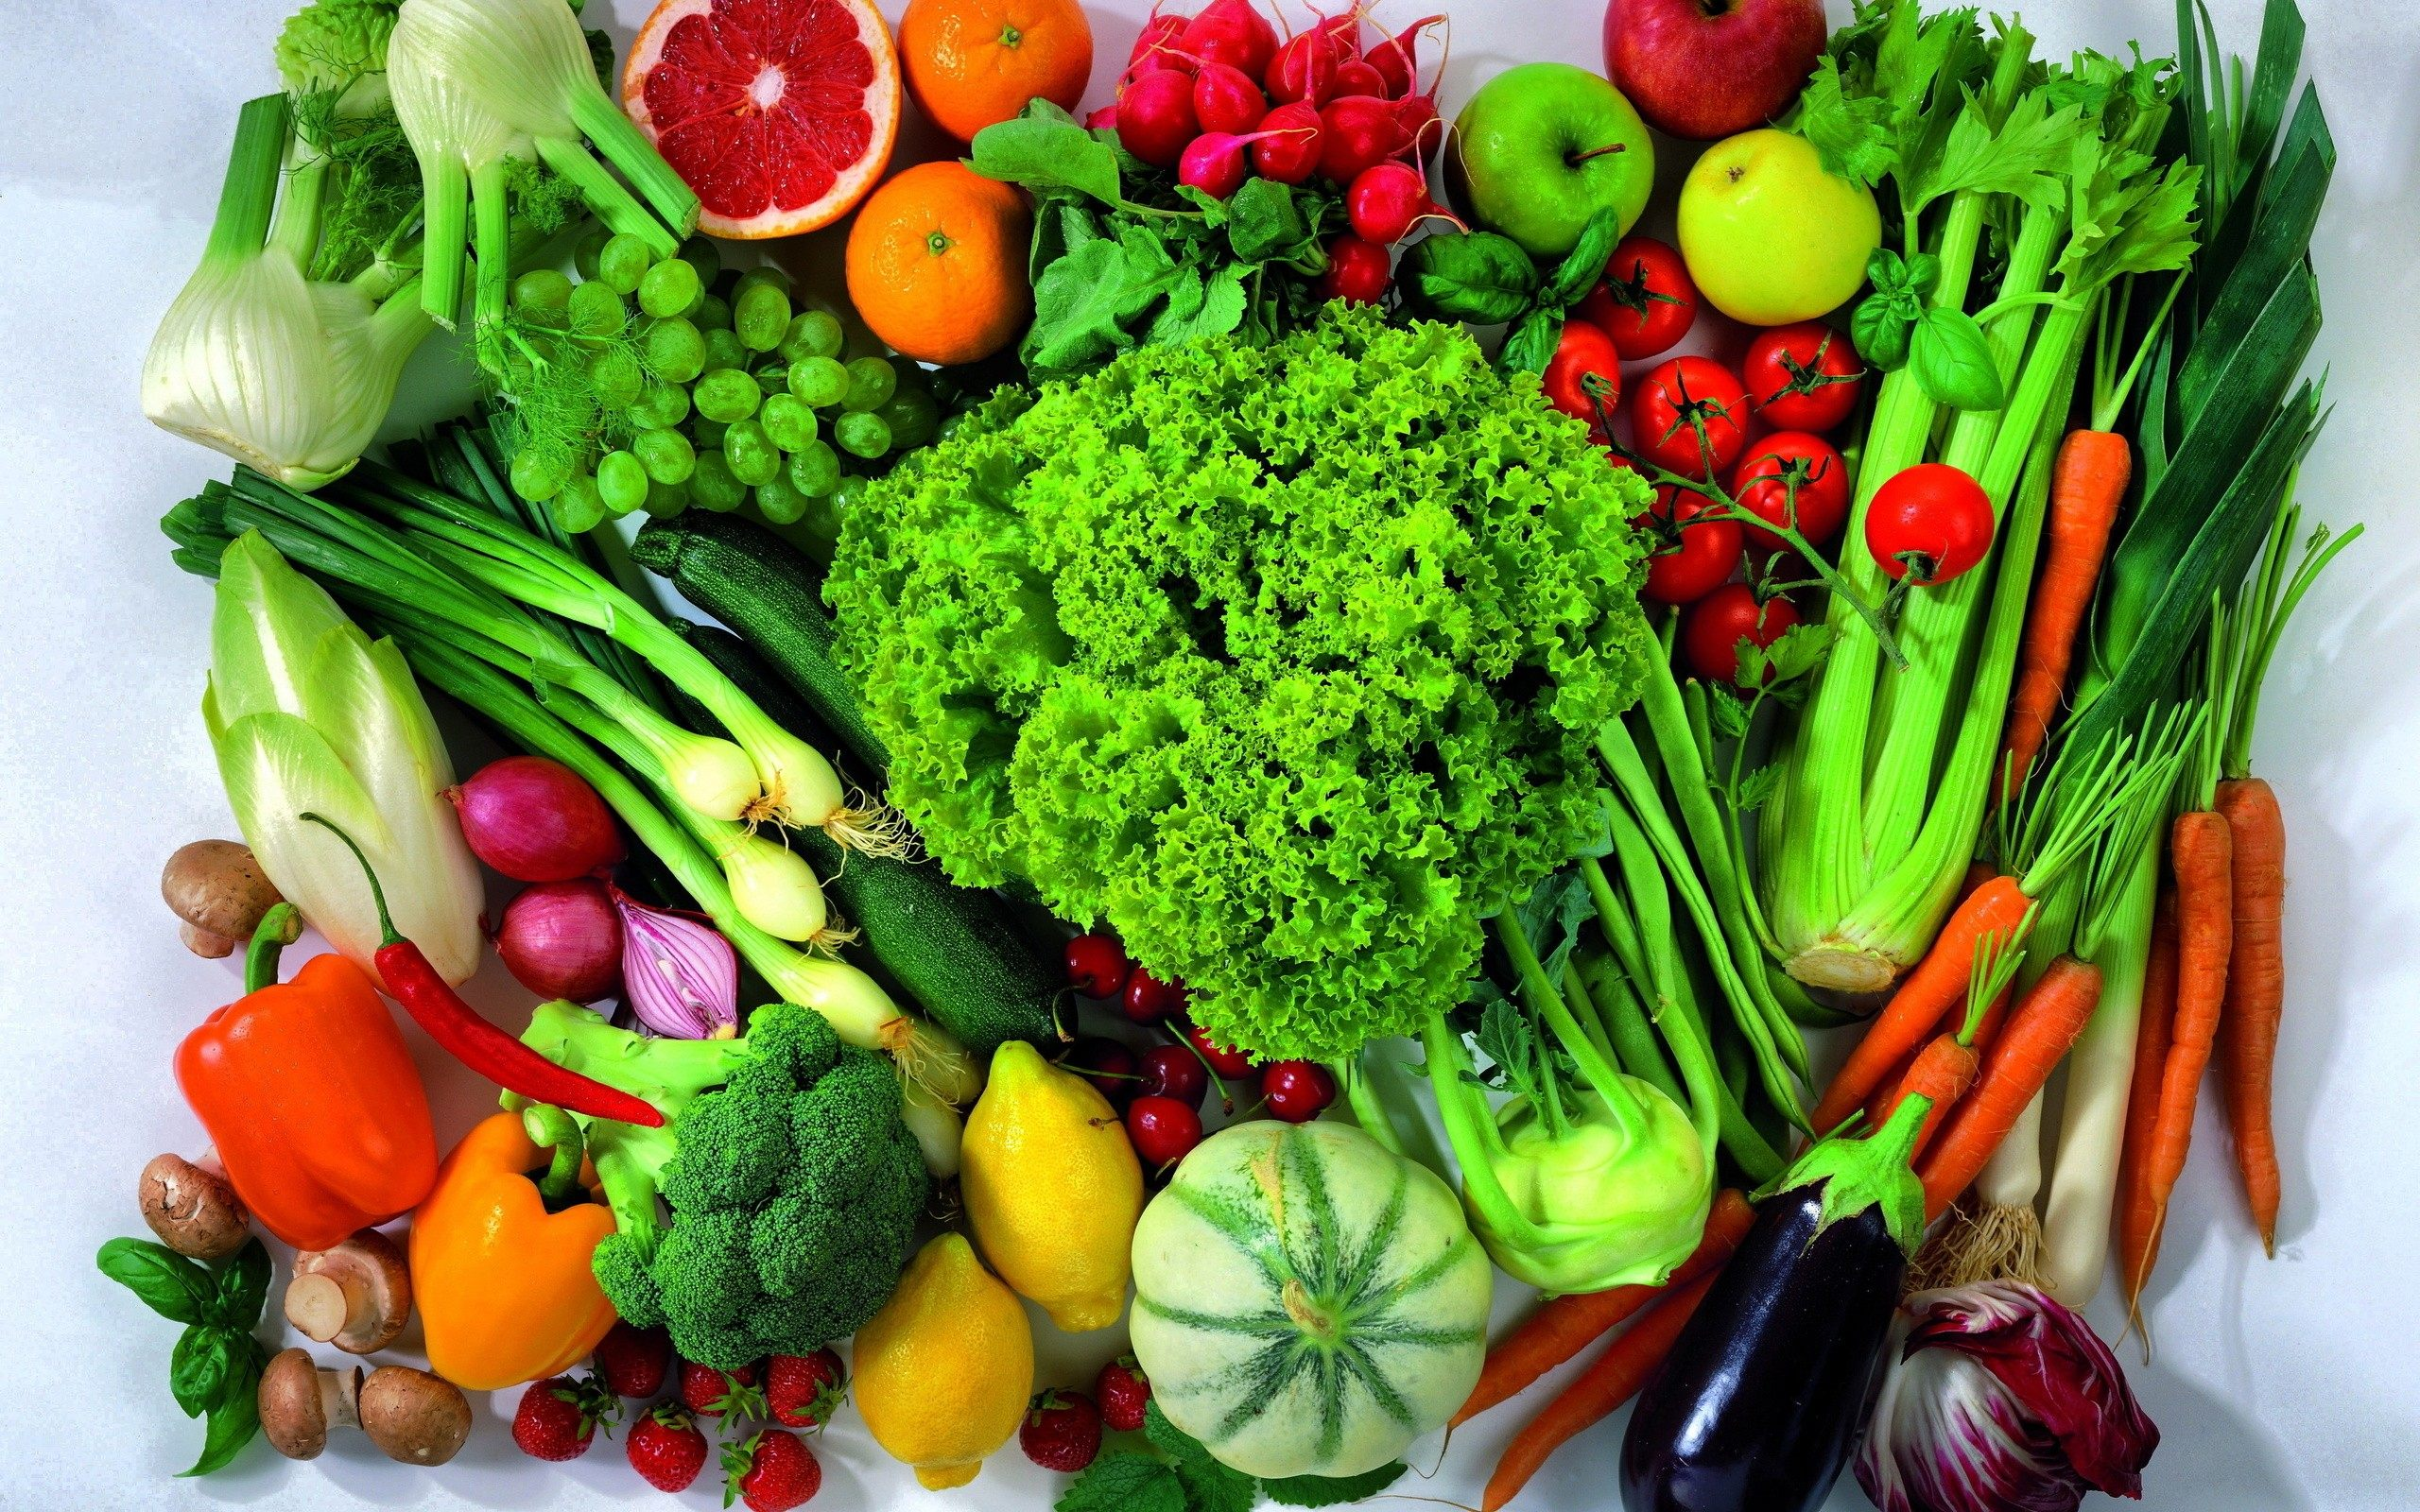 الحمية الصحية يمكن أن تحتوى على الكثير من الدهون